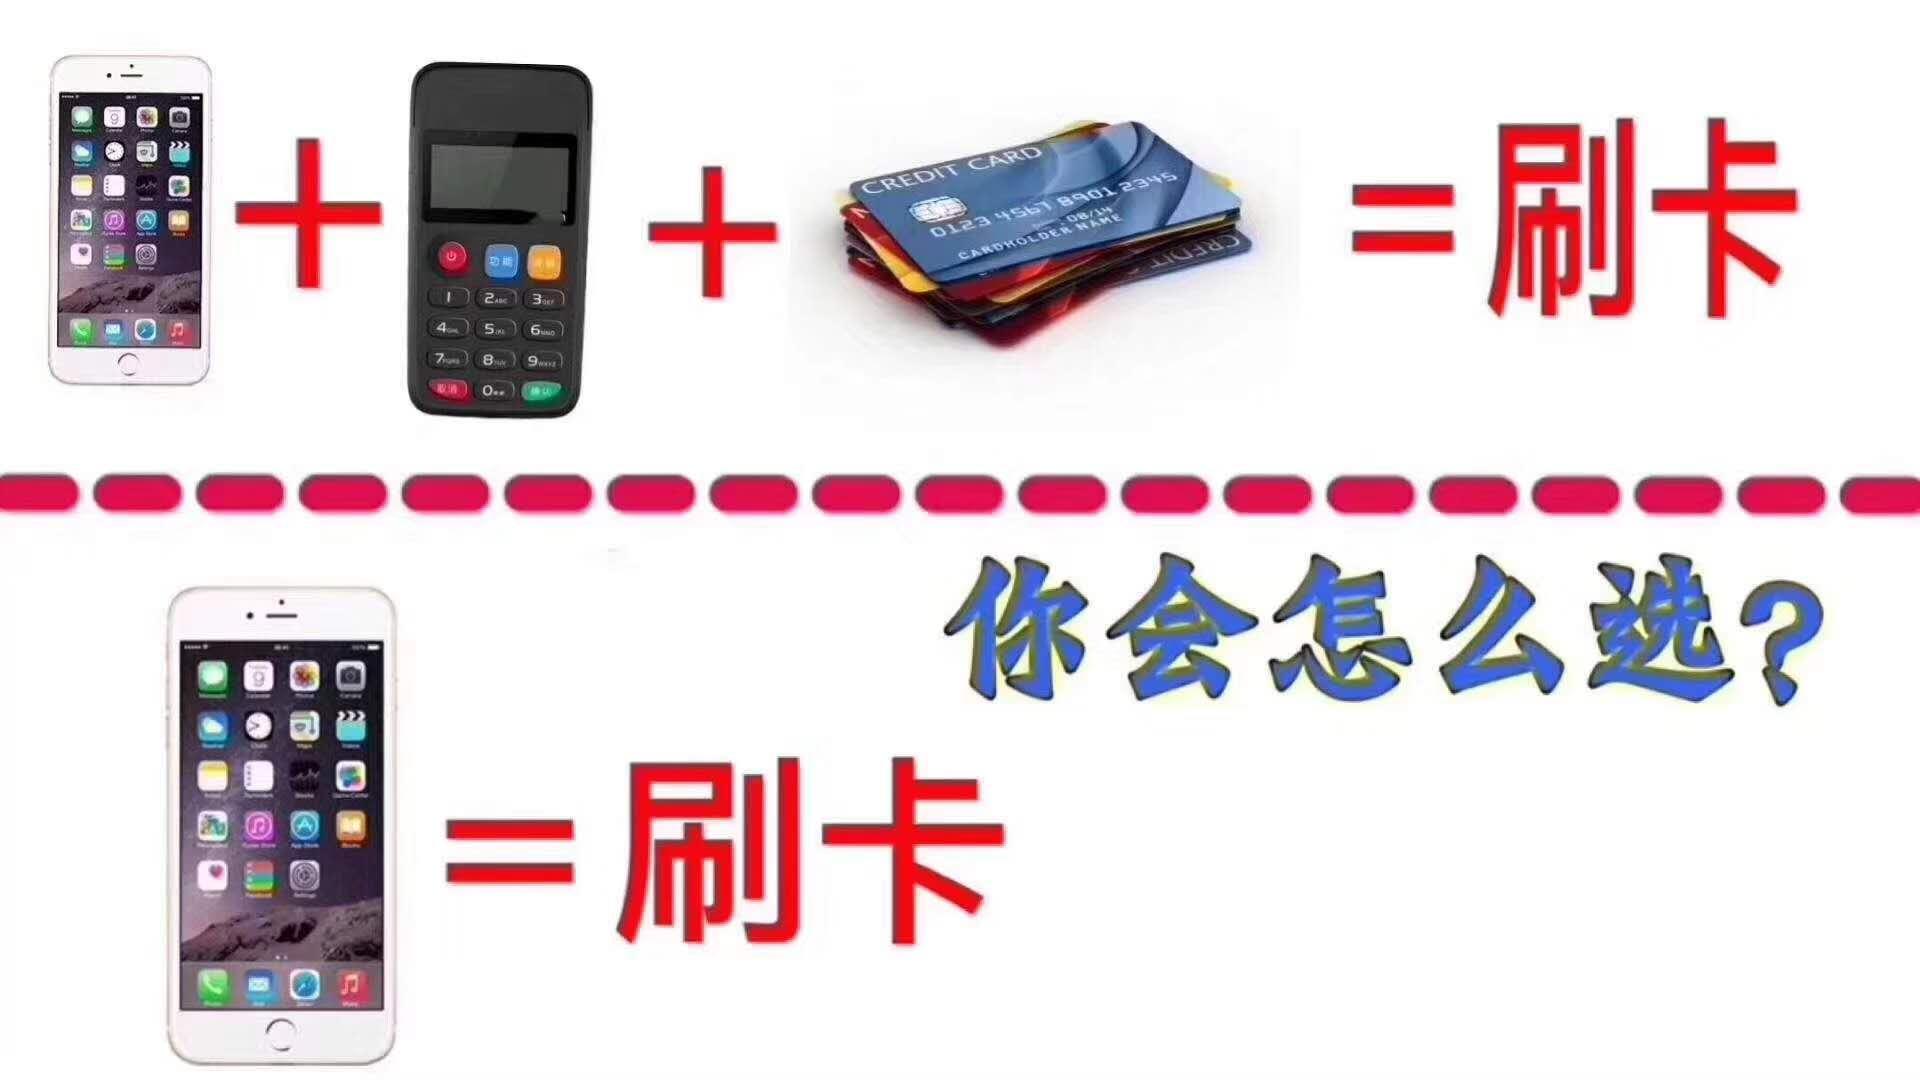 聚卡付:刷卡方式大比拼,最后是什么完胜?